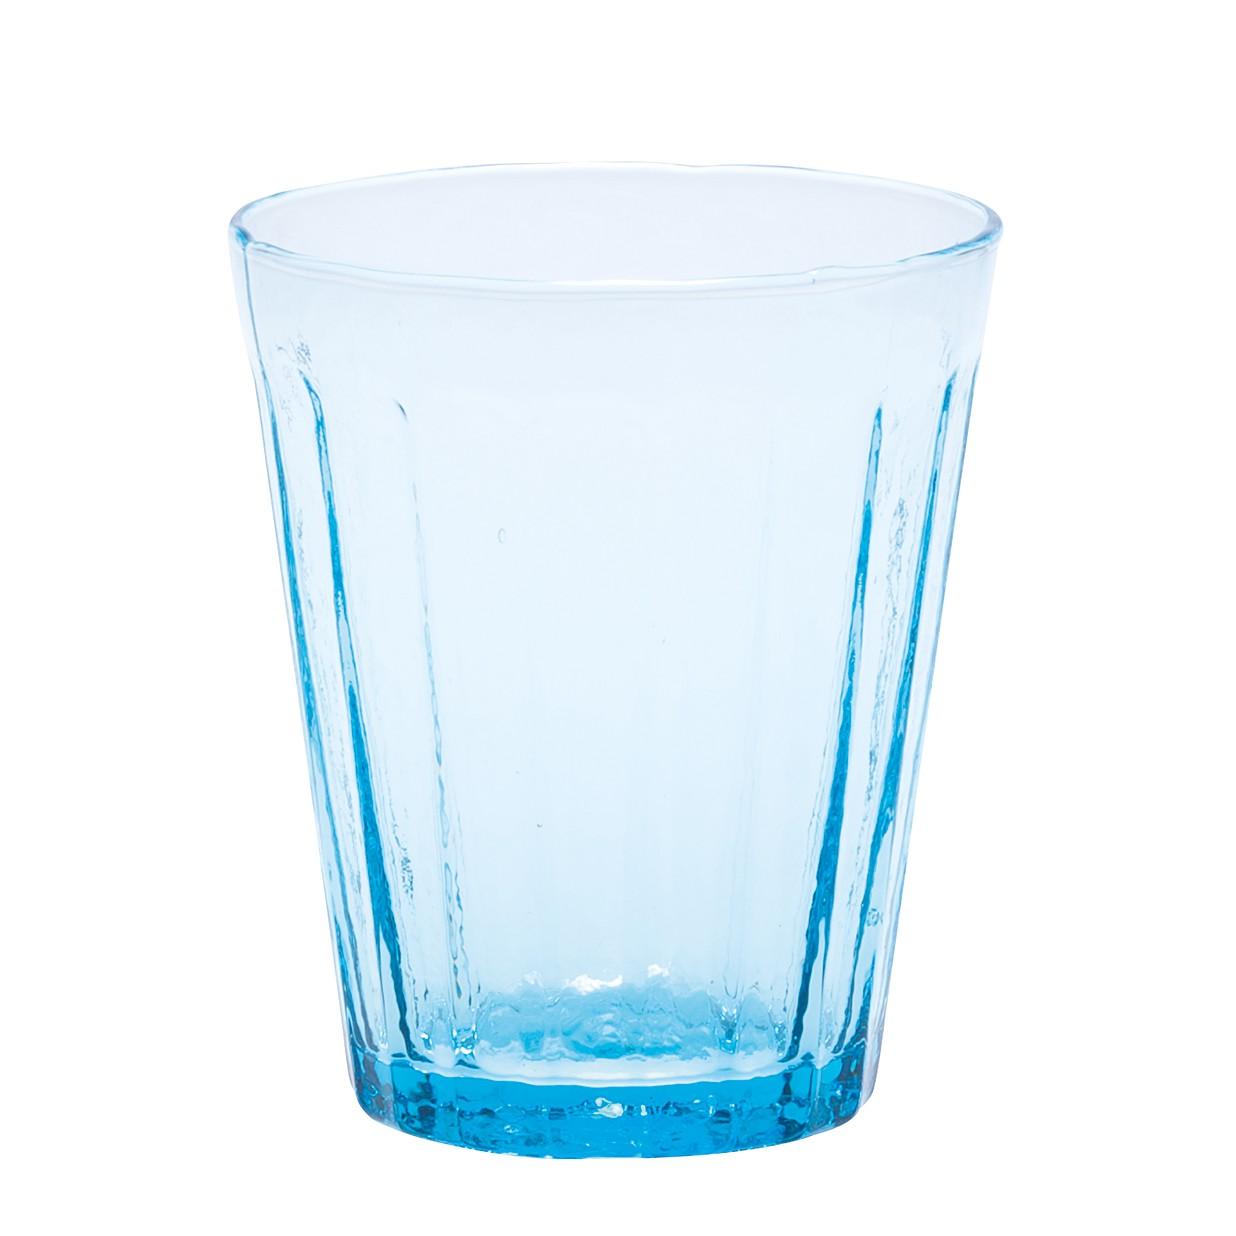 Trinkglas Lucca (6er-Set) – Glas – Hellblau, BITOSSI HOME günstig online kaufen